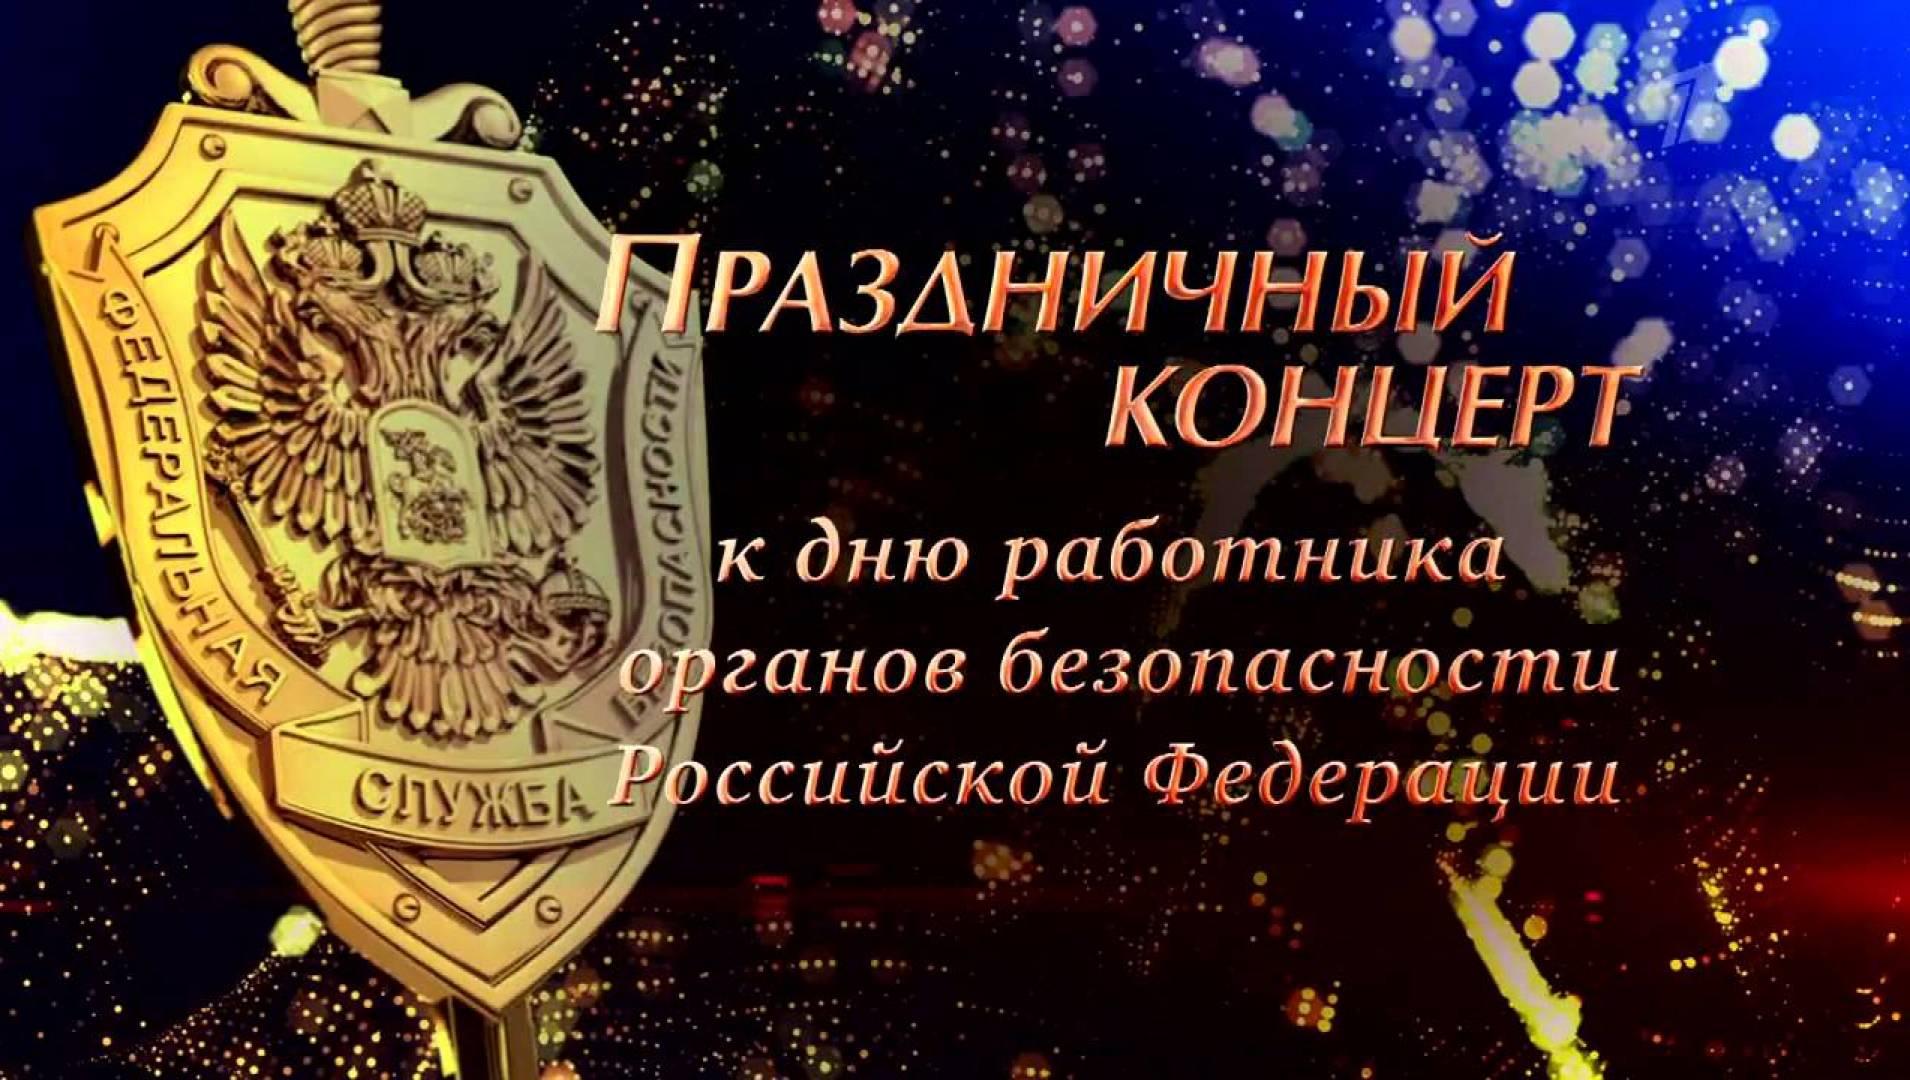 Праздничный концерт к Дню работника органов безопасности Российской Федерации - Концерт